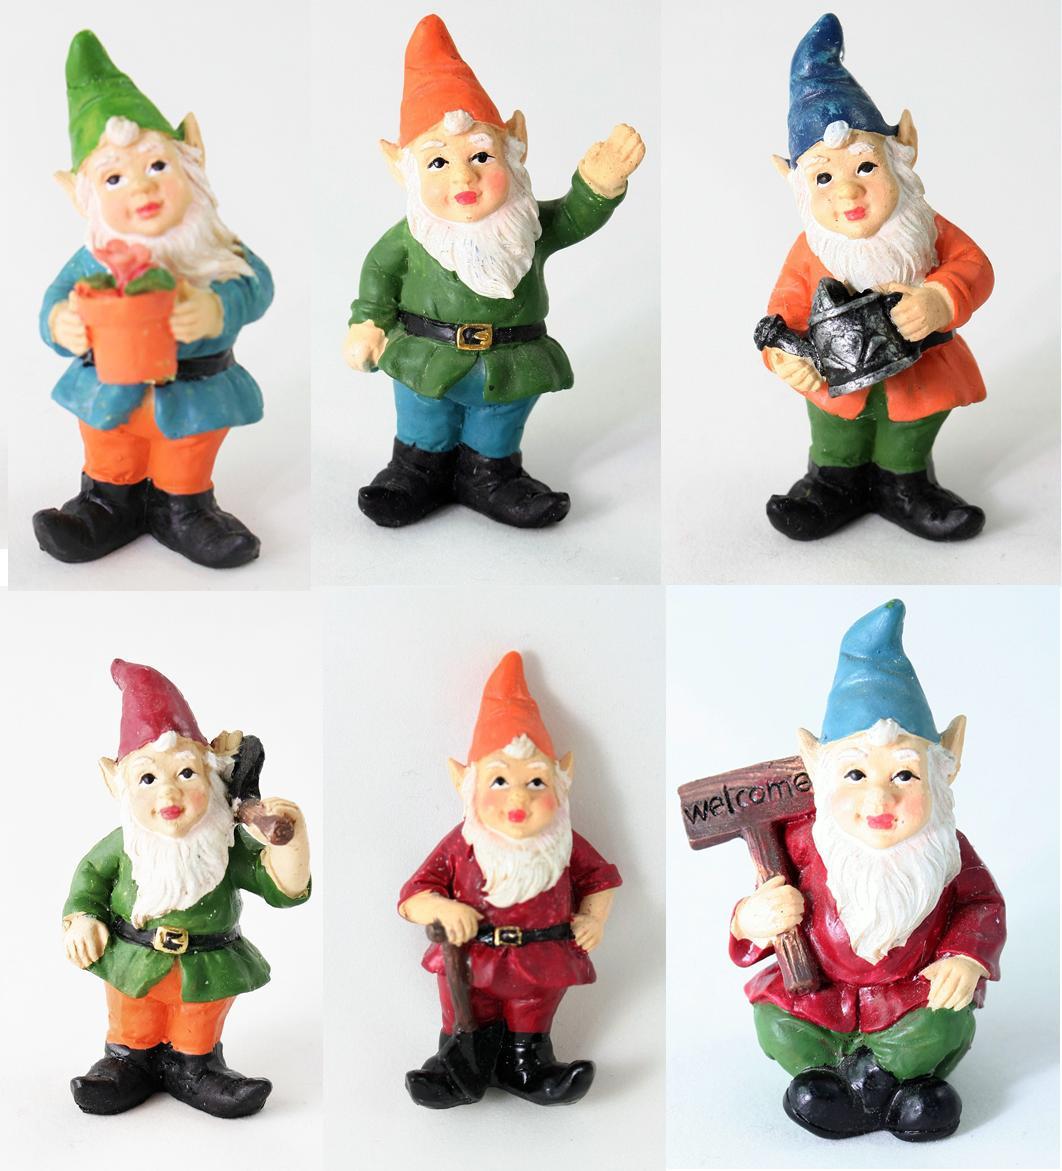 Gnome In Garden: Ganz Great Outdoors Miniature Fairy Garden 3″ Gnome